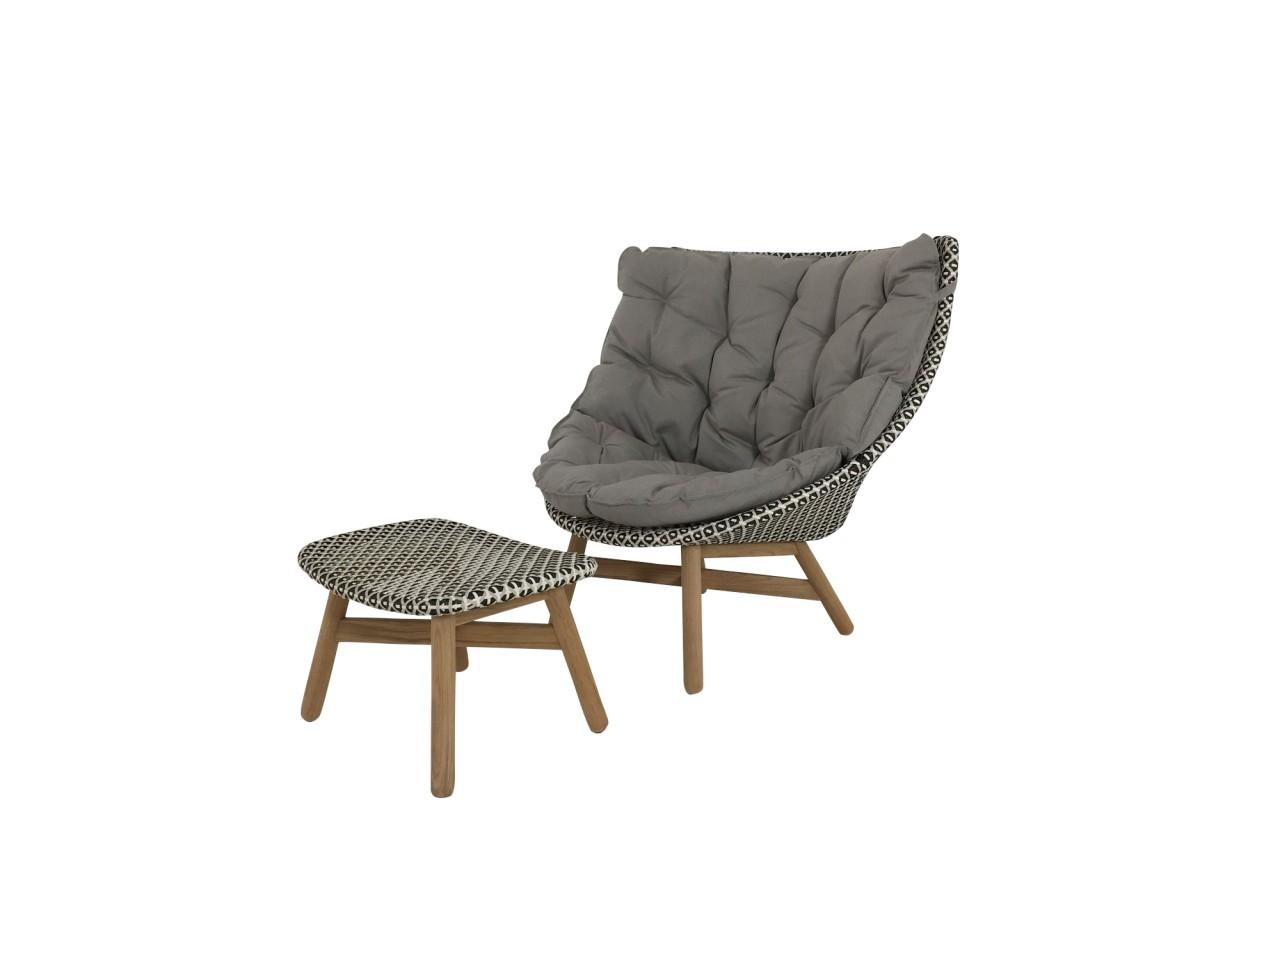 DEDON MBRACE WING CHAIR Hochlehner Sessel mit Hocker in der Farbe pepper mit Polsterauflage